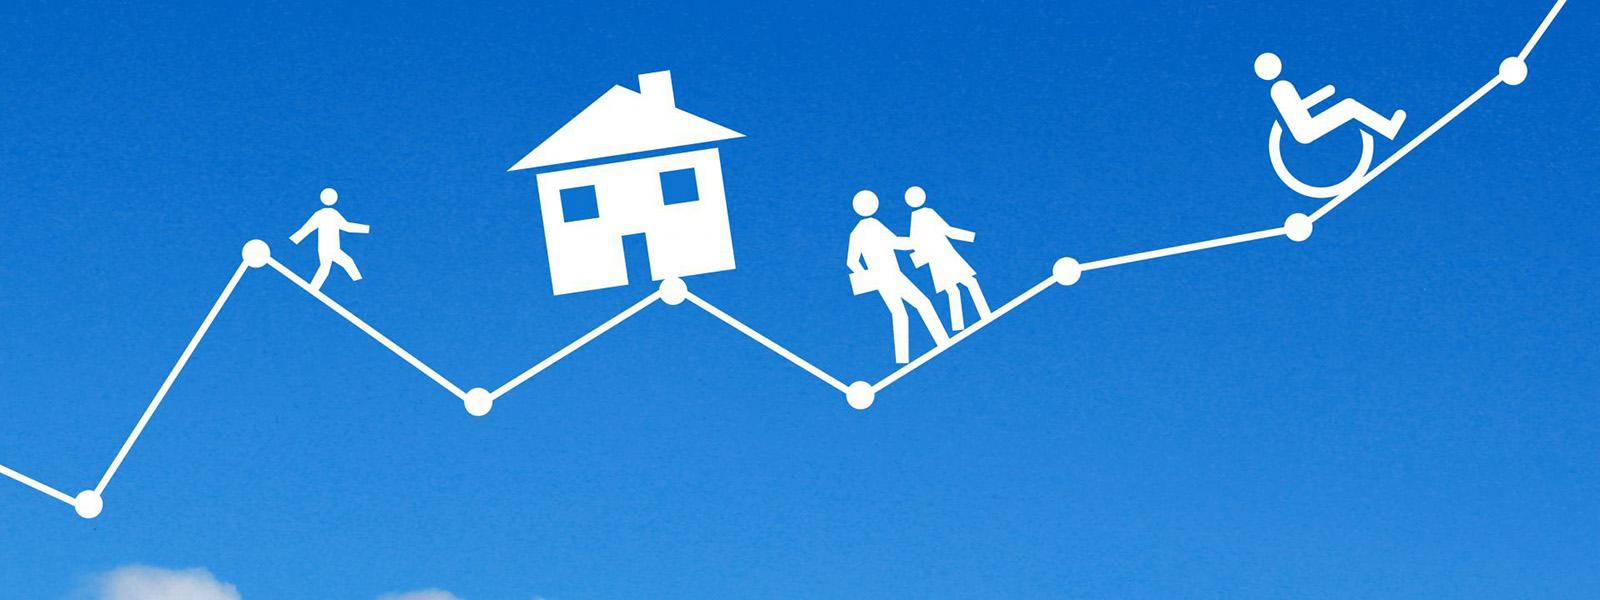 家計の折れ線グラフ